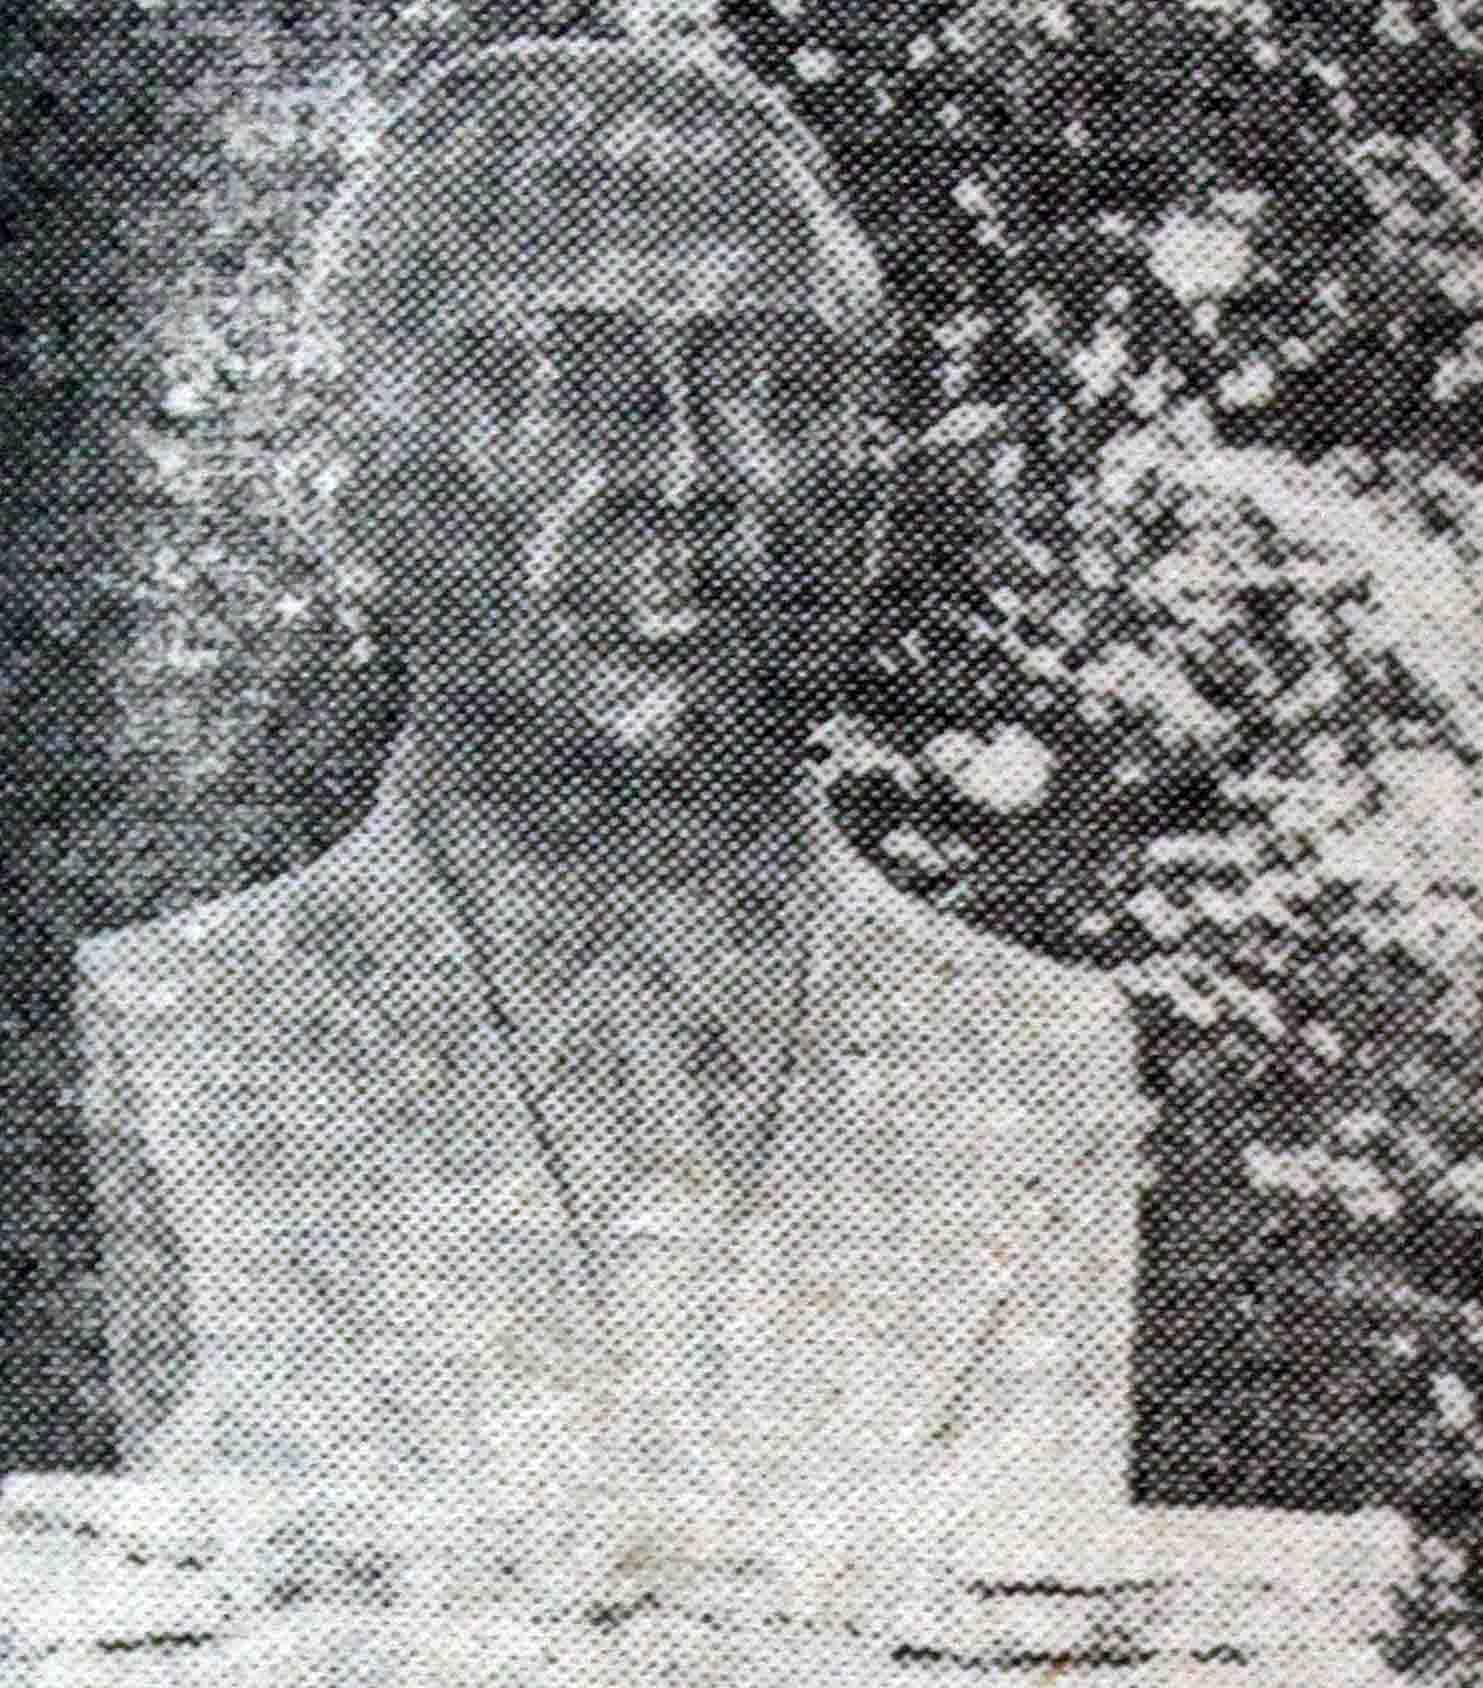 Busto de Juan Antonio Gonzalo Salas. Foto Alex / Magazine La Opinión, p. 7. Mérida, 9 de octubre de 1966. Dig. Samuel L. Hurtado Camargo.